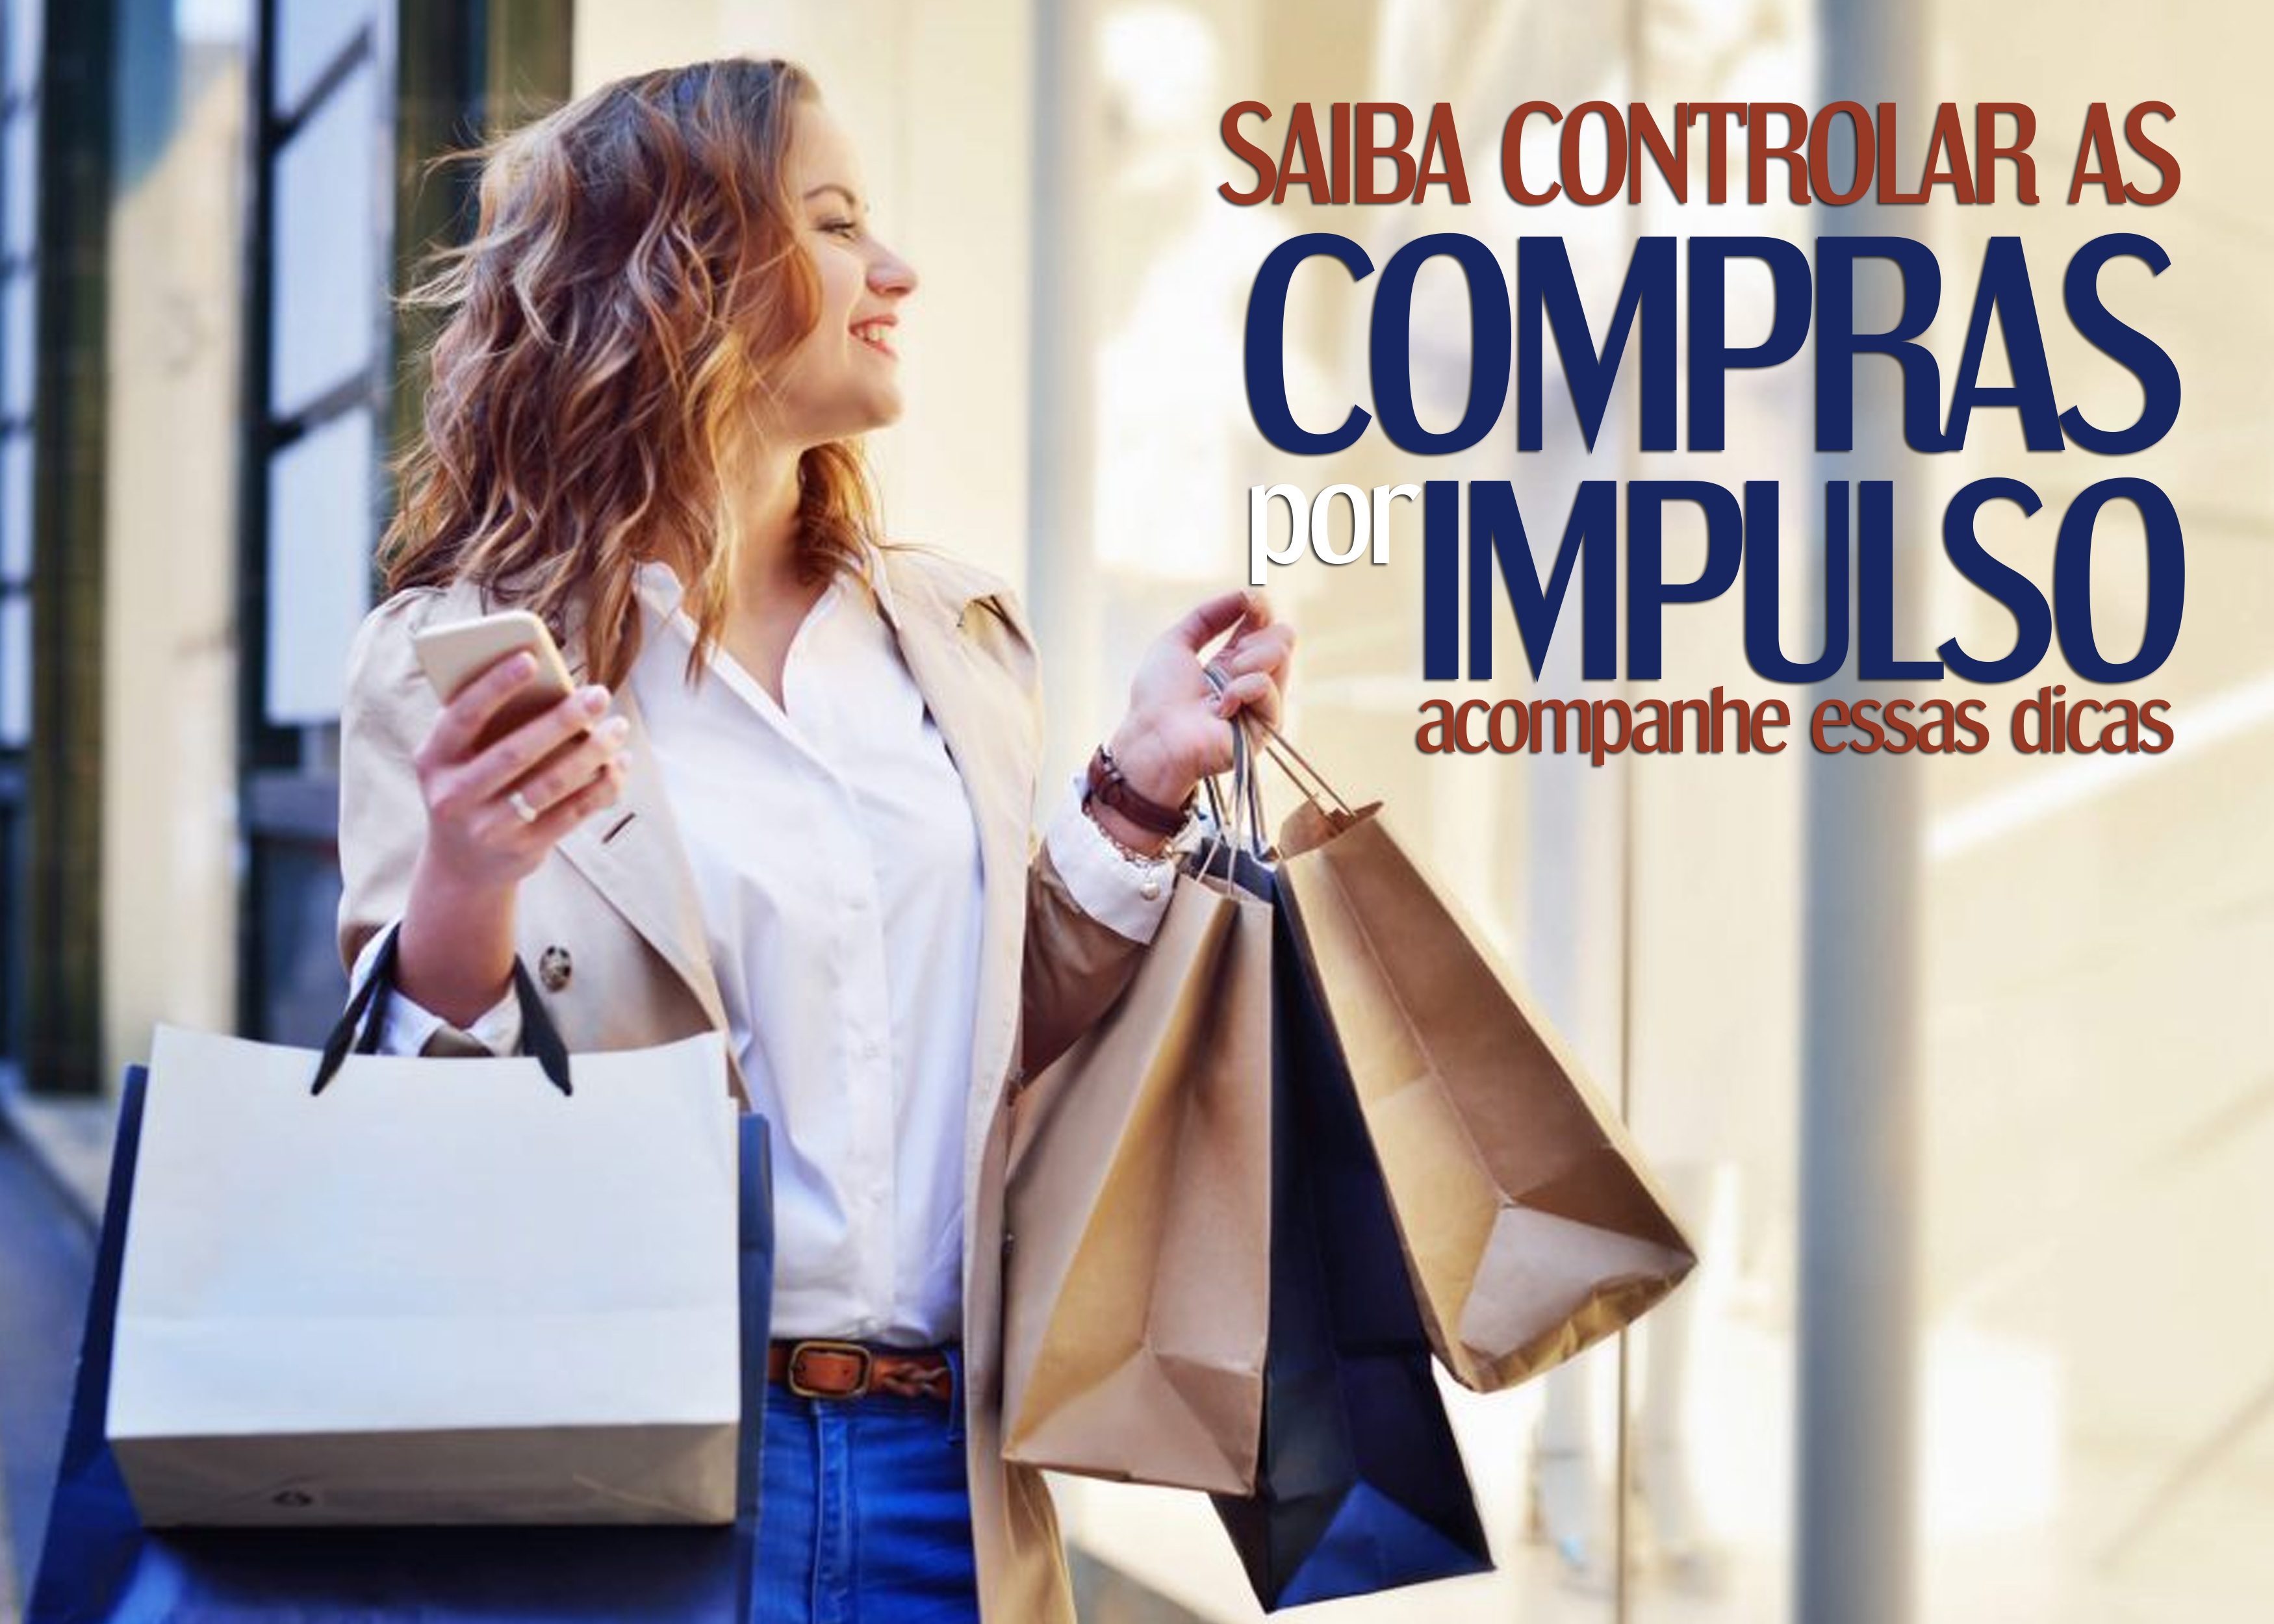 Entenda neste artigo algumas dicas importantes para te auxiliarem no hábito de efetuar compras por impulso.